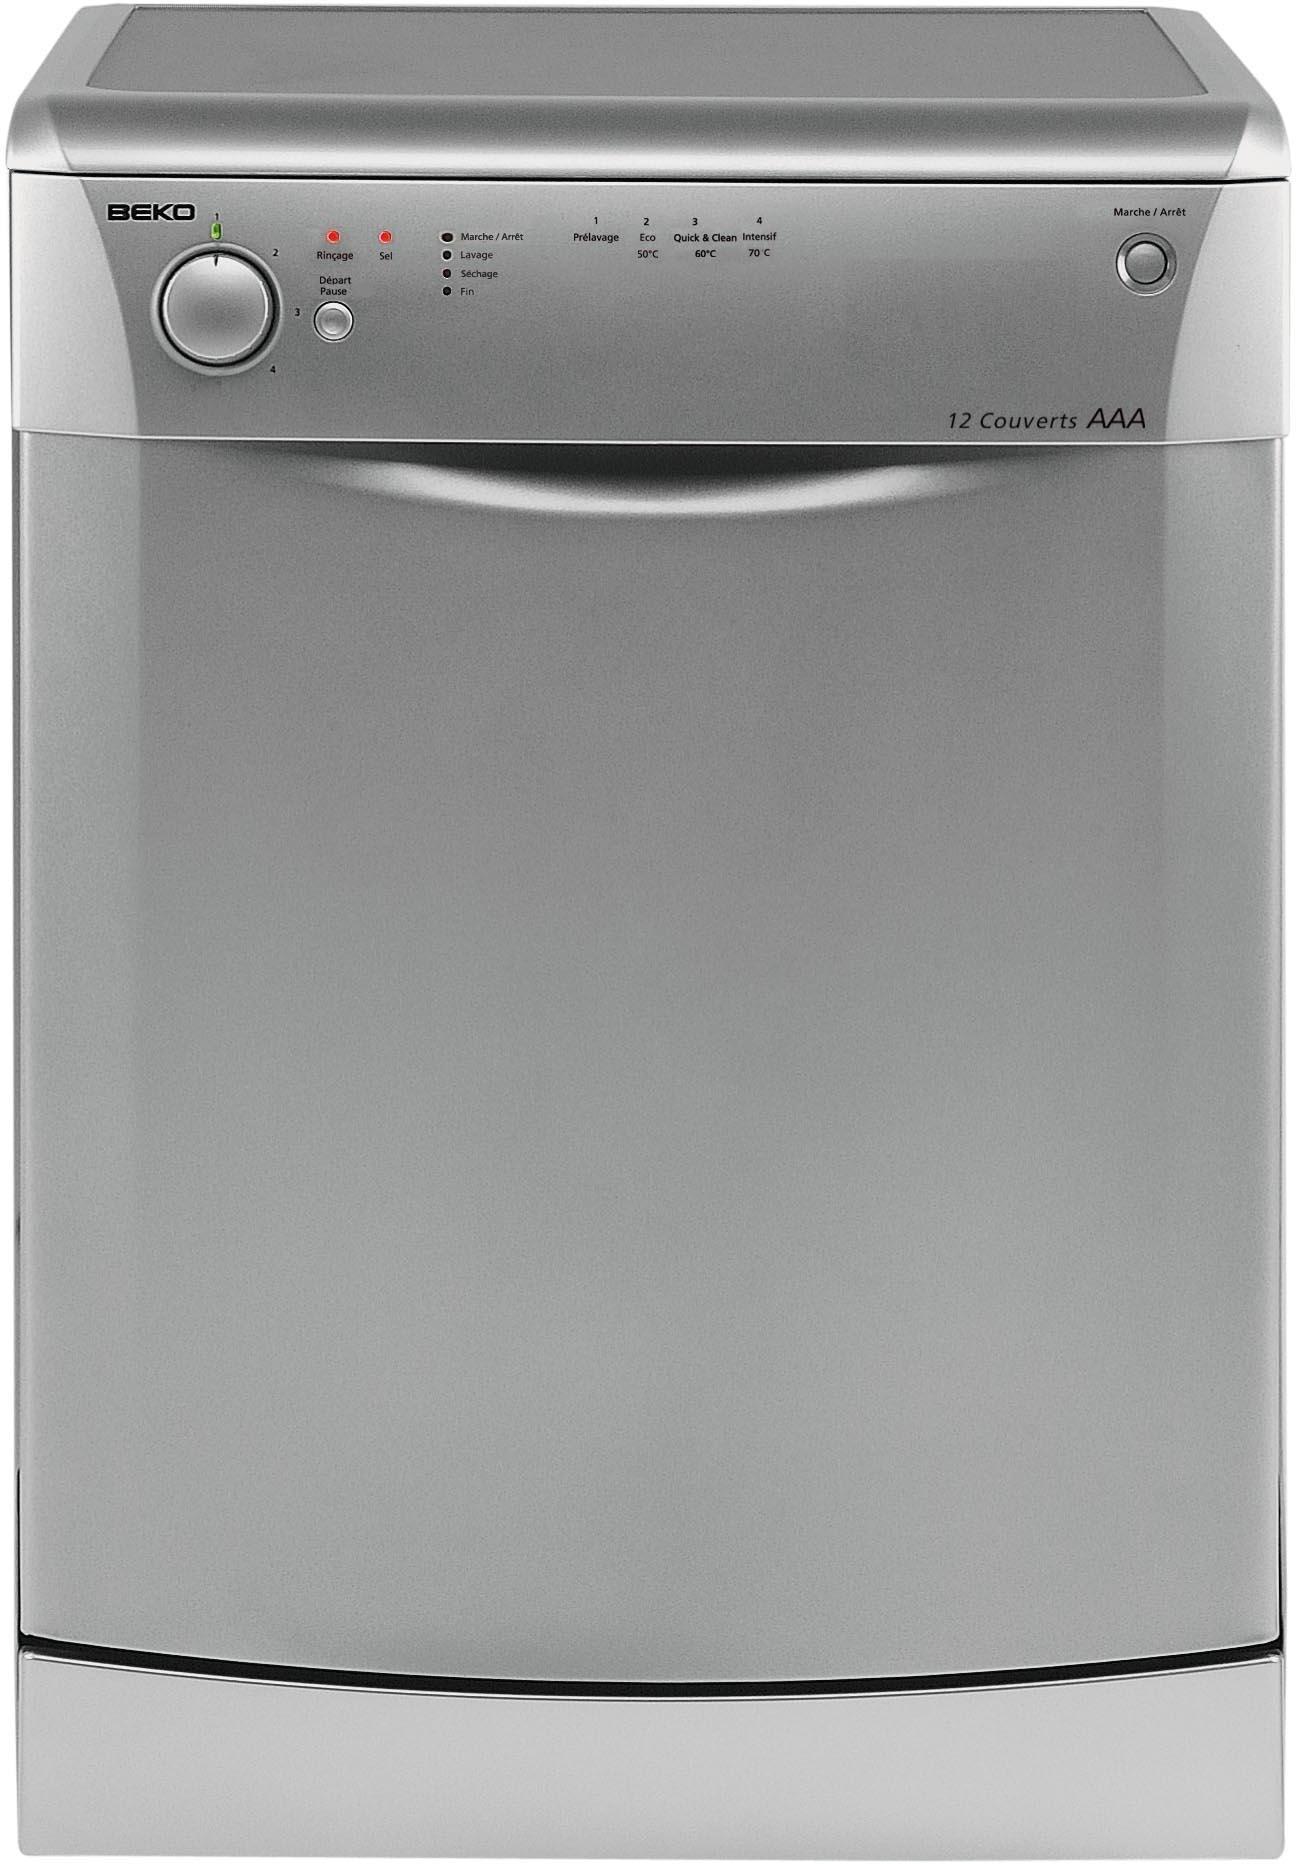 Marque: Beko Catégorie: Lave Vaisselle. Spécifications: Largeur: 59.8.  Consommation Energétique En KW/h: 1.05. Profondeur En Cm: 57. Intégrable:  N/A